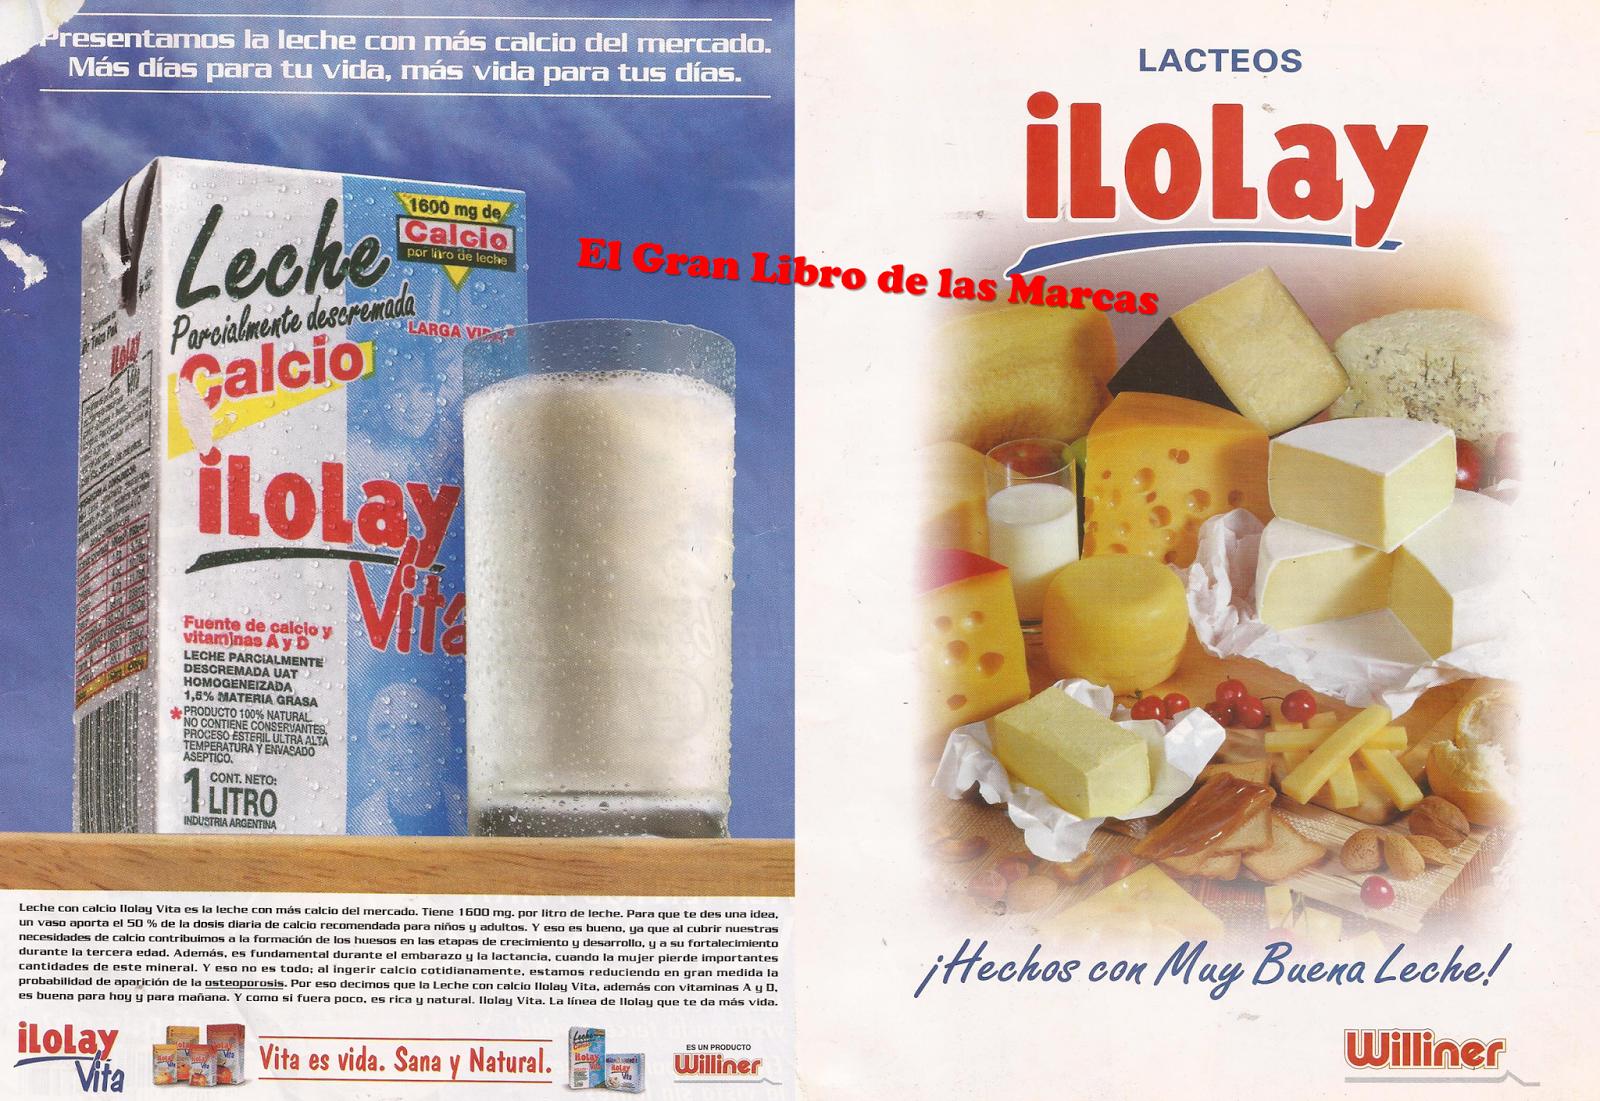 El gran libro de las marcas hechos con muy buena ilolay - Marcas de sabanas buenas ...